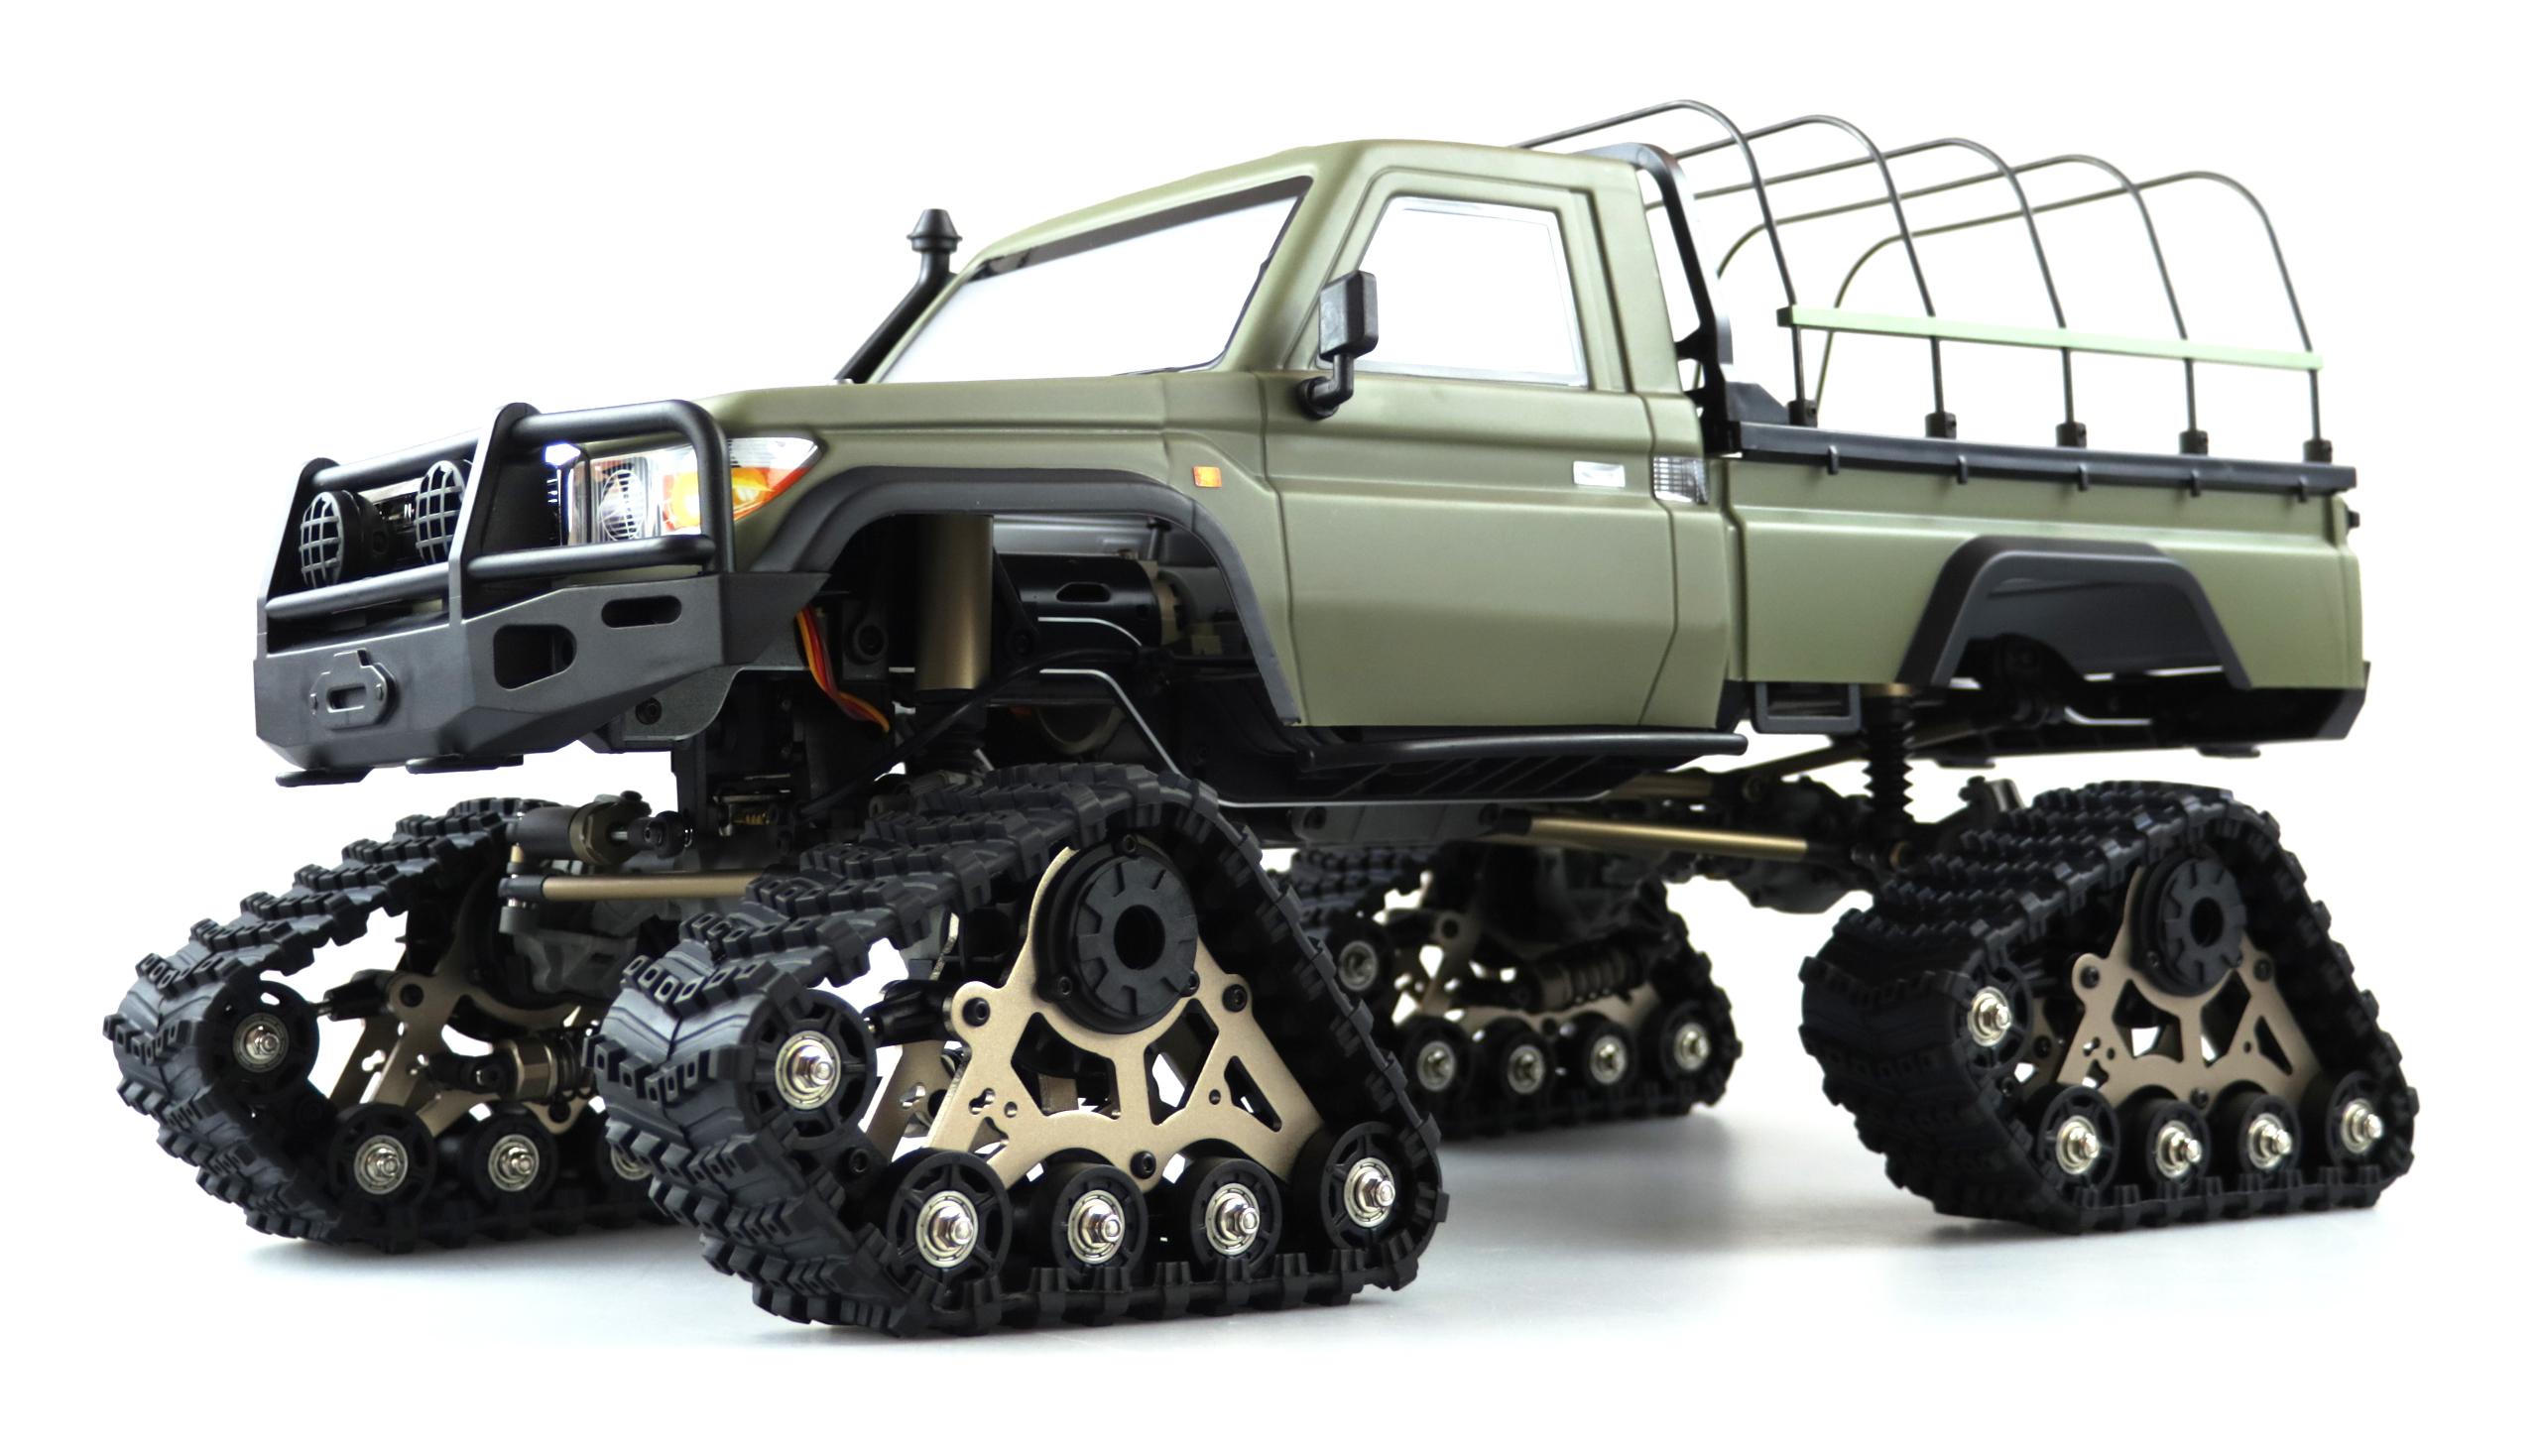 Amewi AMXROCK RCX10PTS - Off-Road-Wagen - Elektromotor - 1:10 - Fahrbereit (RTD) - Grün - Metall